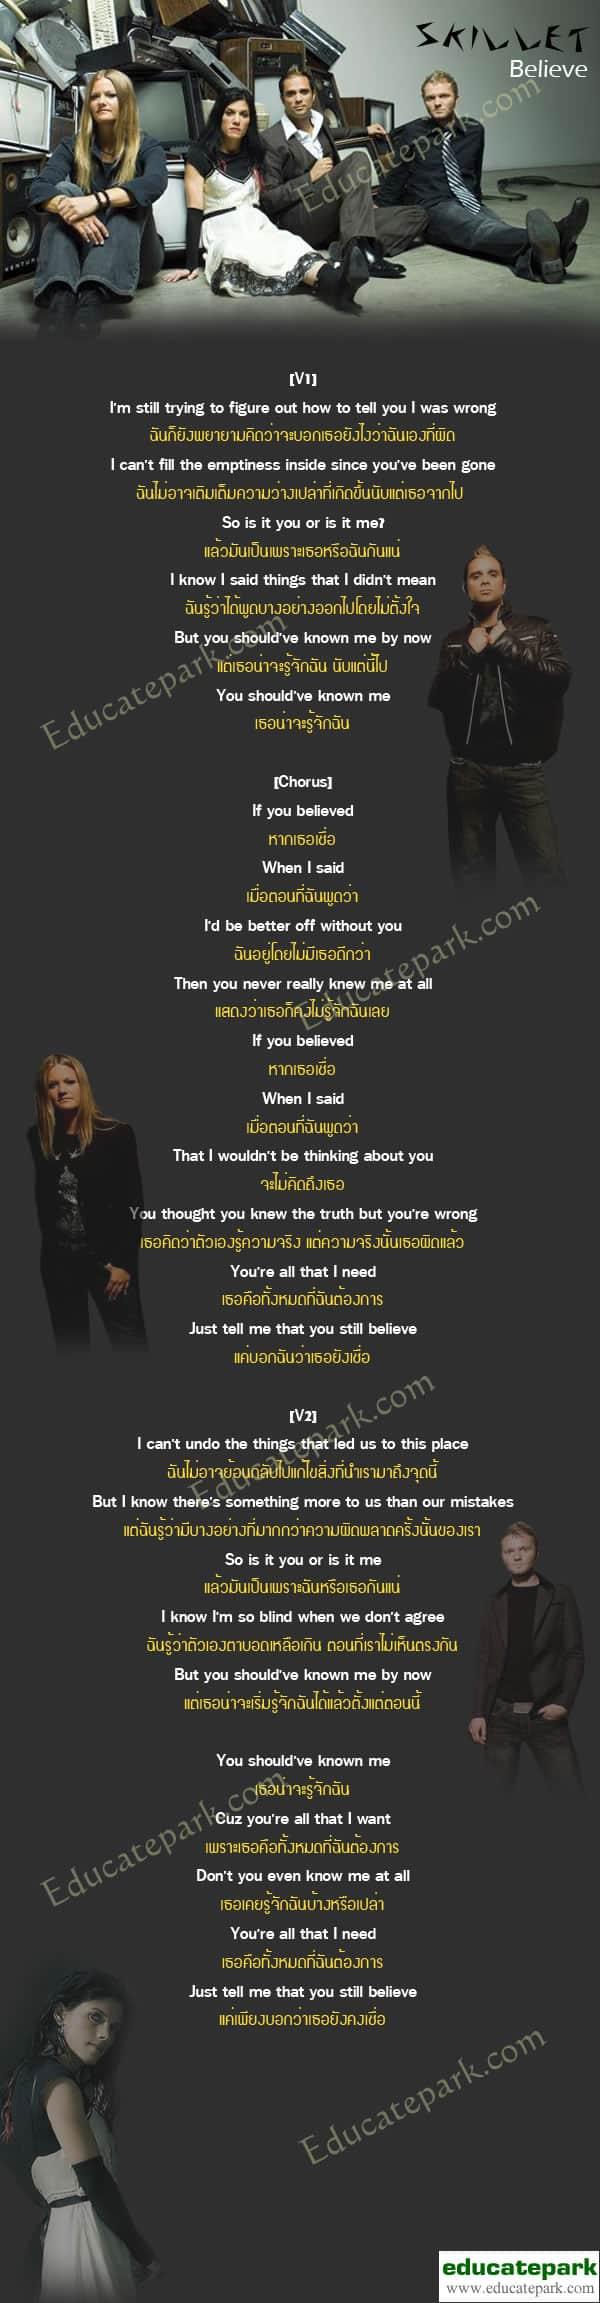 แปลเพลง Believe - Skillet